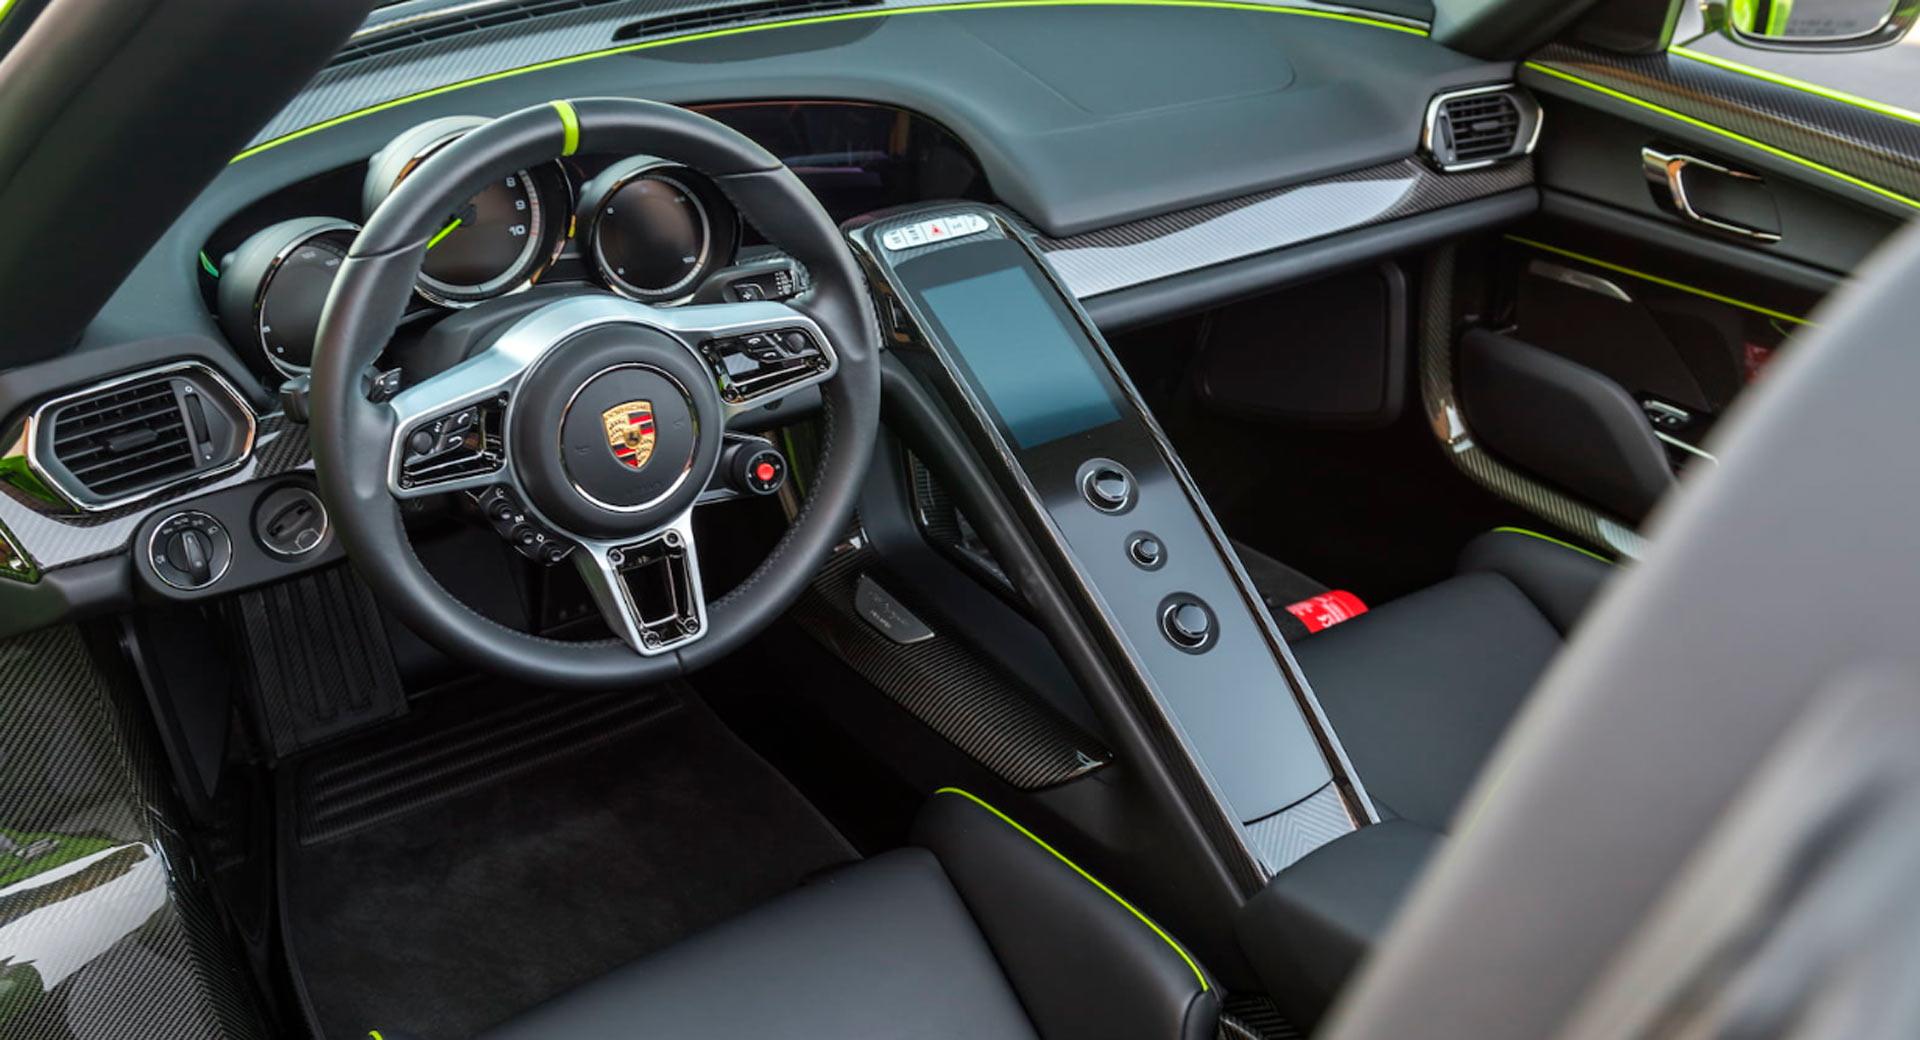 Michael-Fux-cars-auction-Porsche-918-Spyder-3